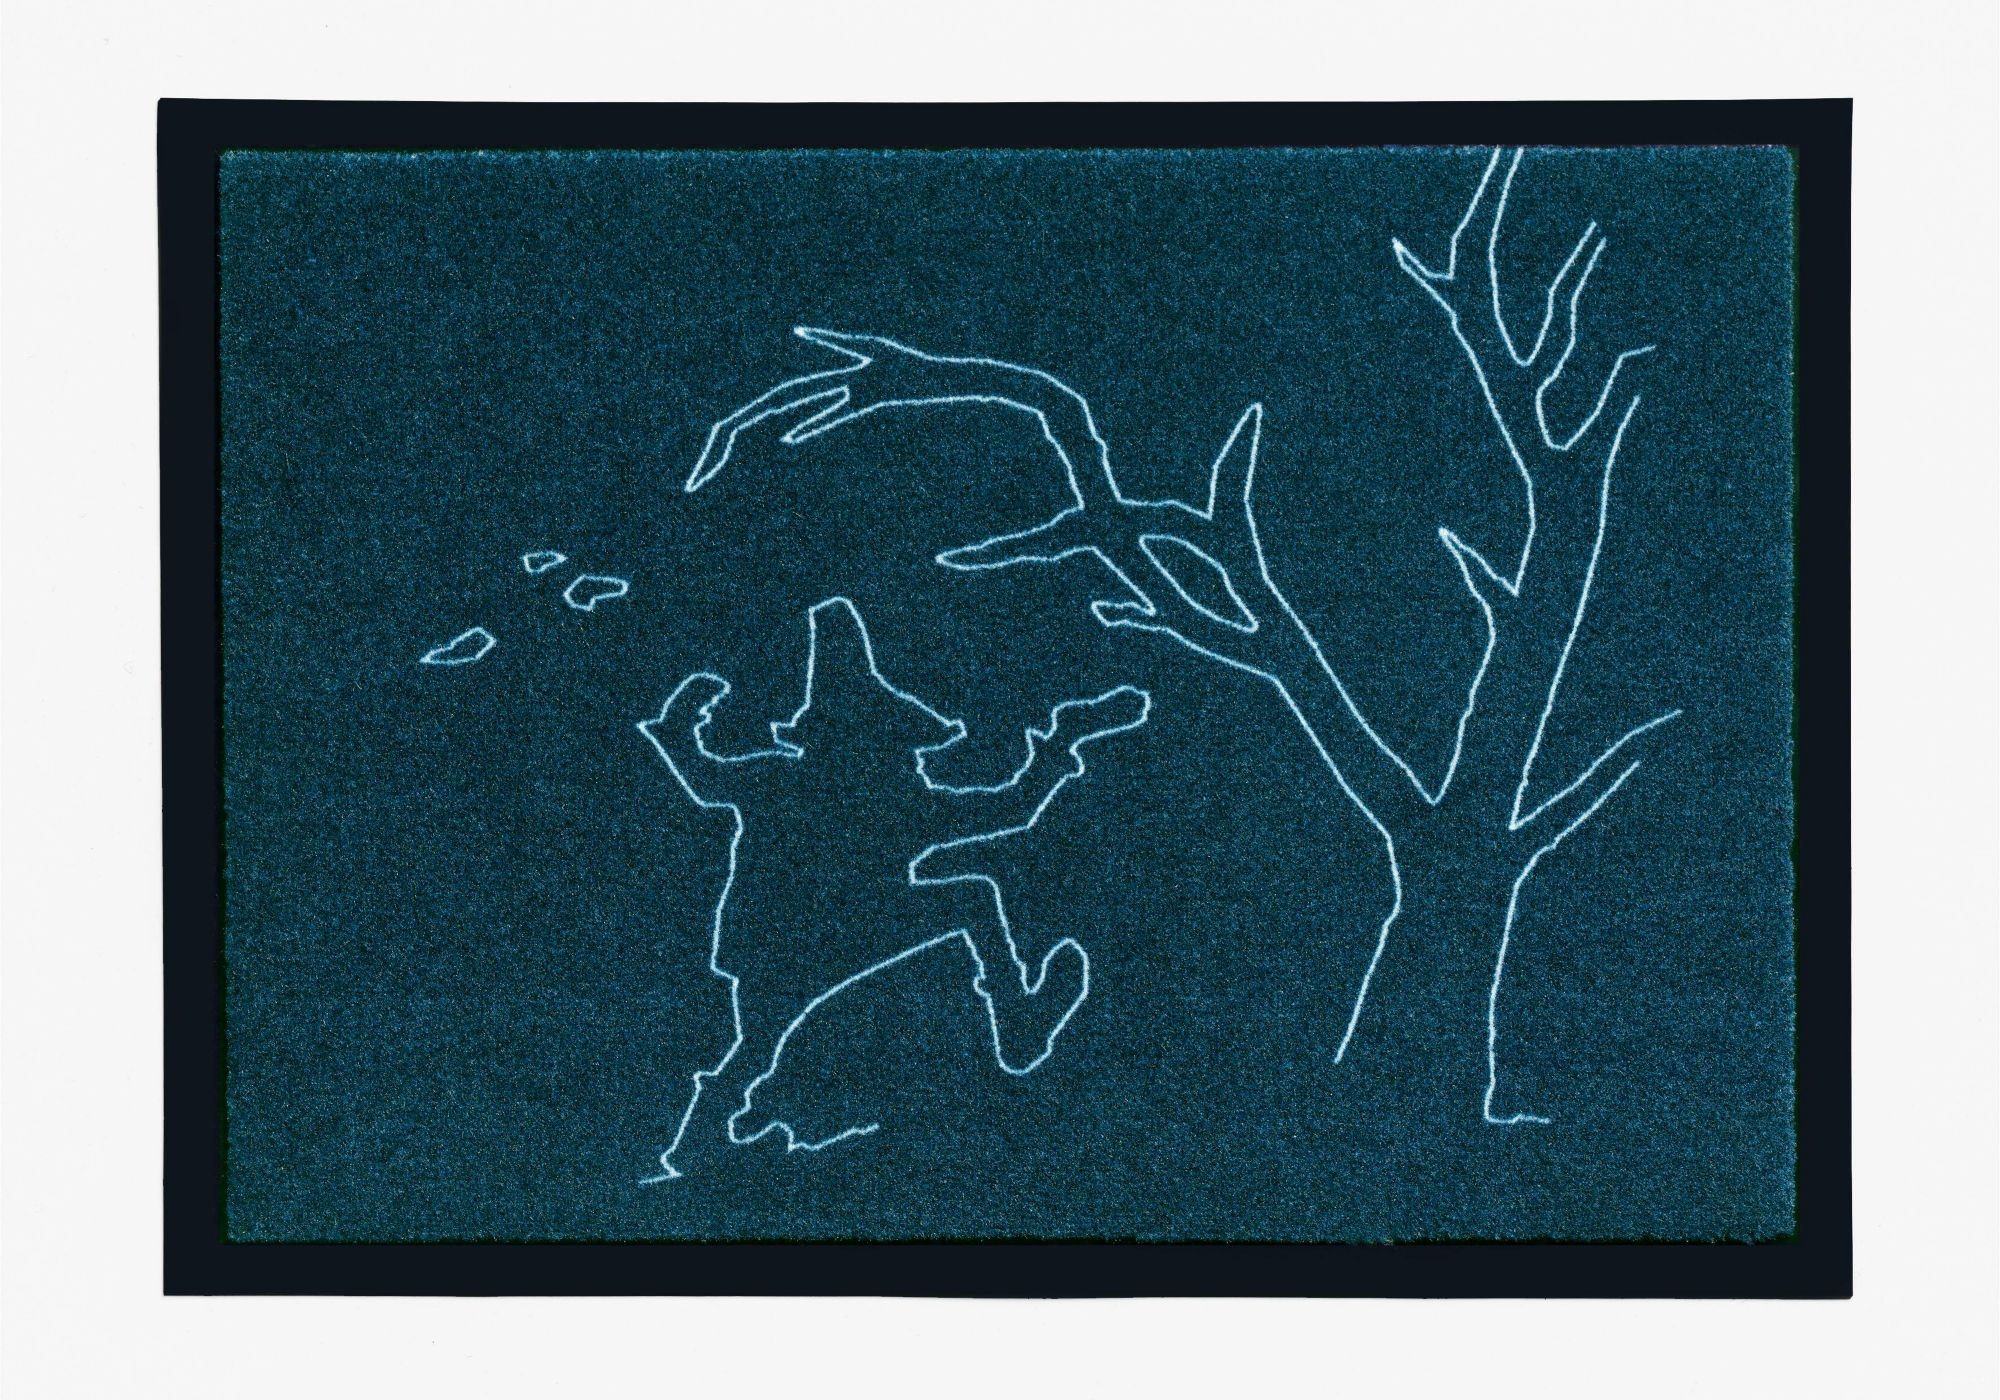 GRIMMLIIS Fußmatte, Grimmliis, »Märchen 4«, Höhe 2 mm,  rutschhemmend beschichtet